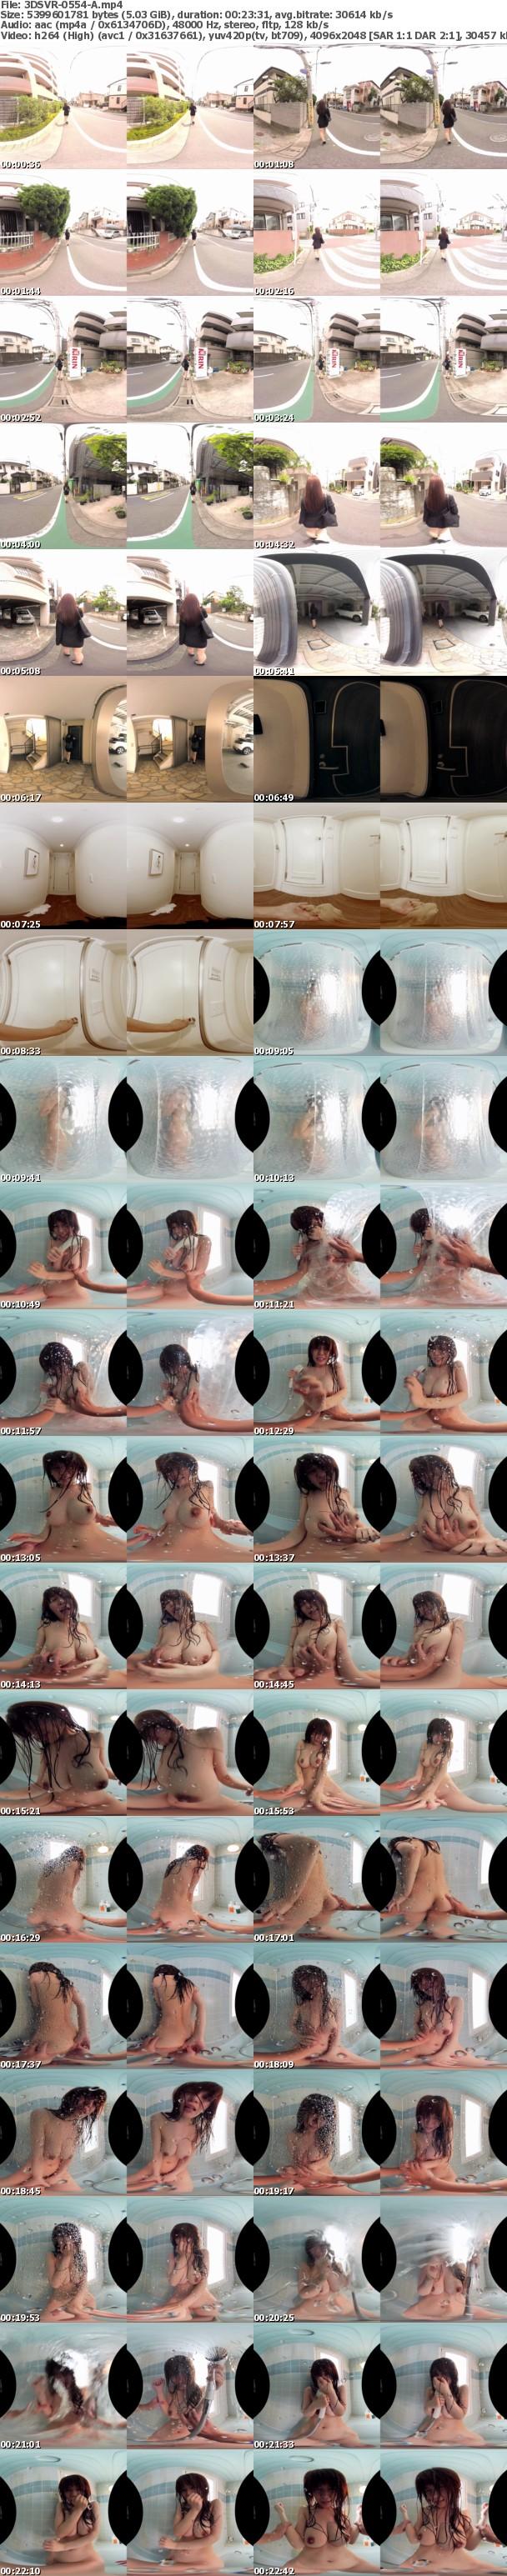 (VR) 3DSVR-0554 尾行VR【追跡バック視点】巨乳女教師に後ろから無理やりねじ込む!好き放題バック膣奥中出しできるVR みながわ千遥